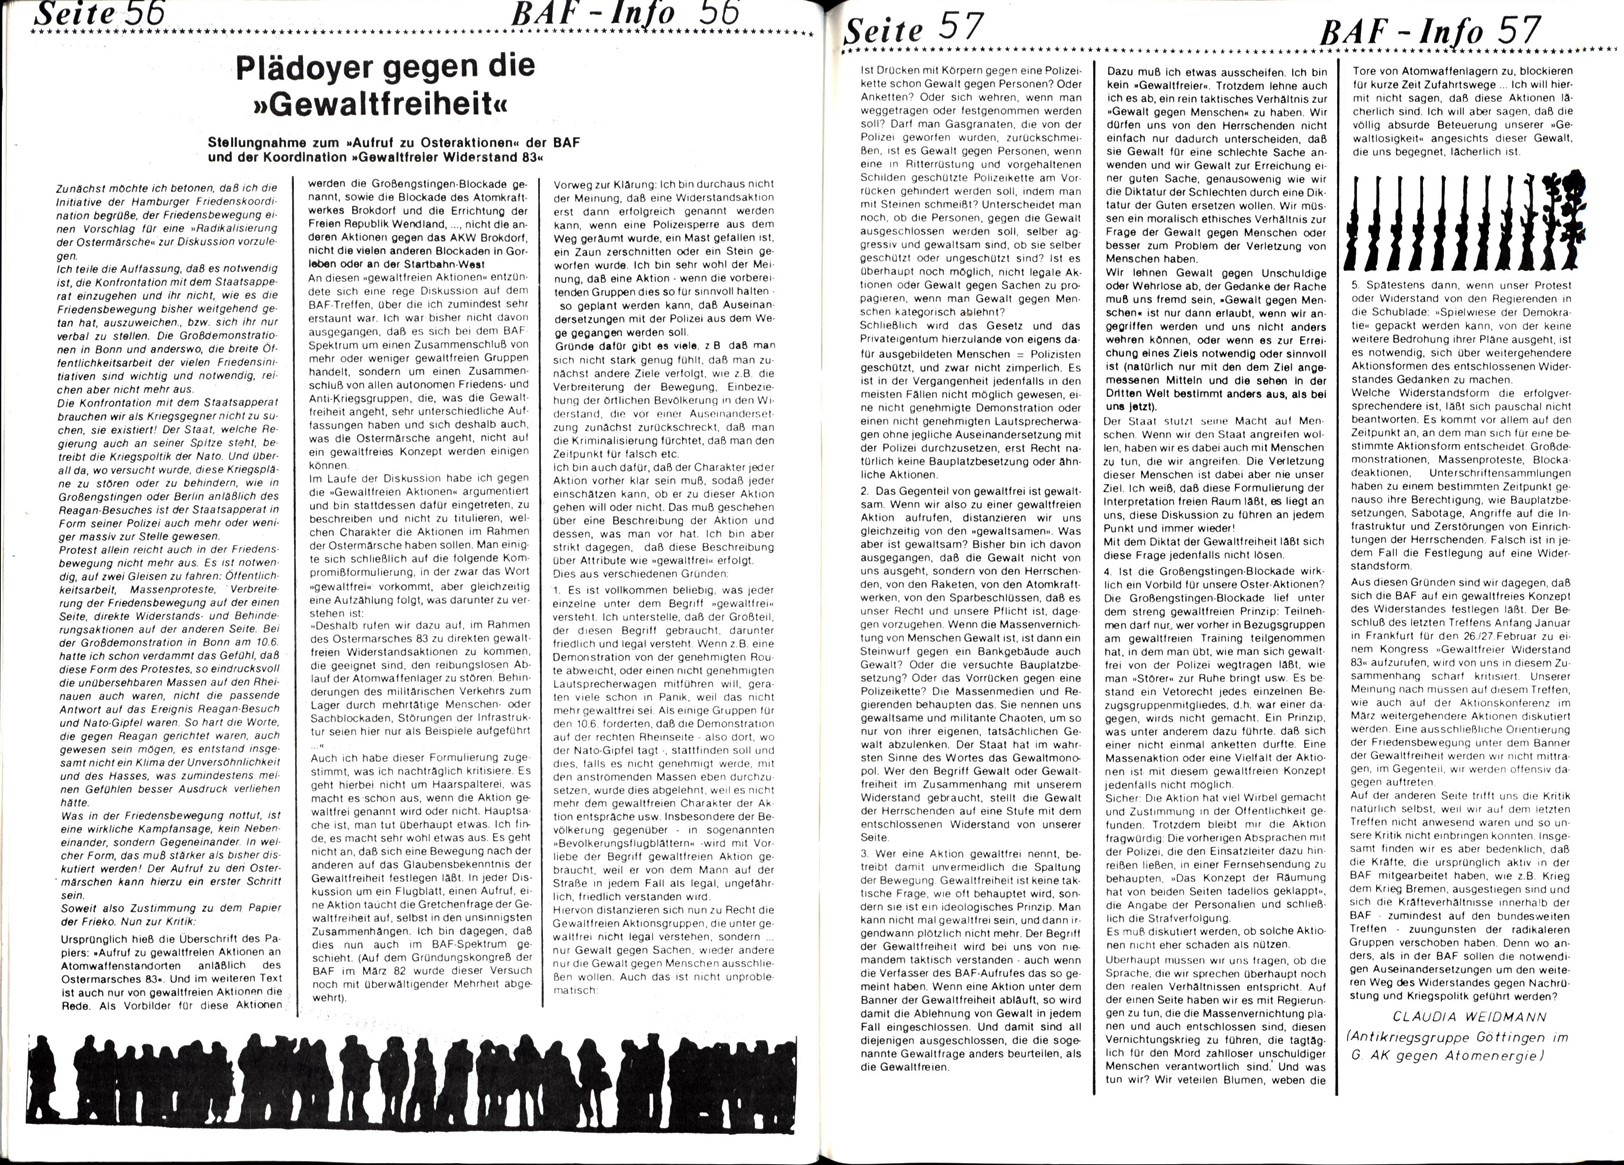 BAF_Info_02_19830100_29